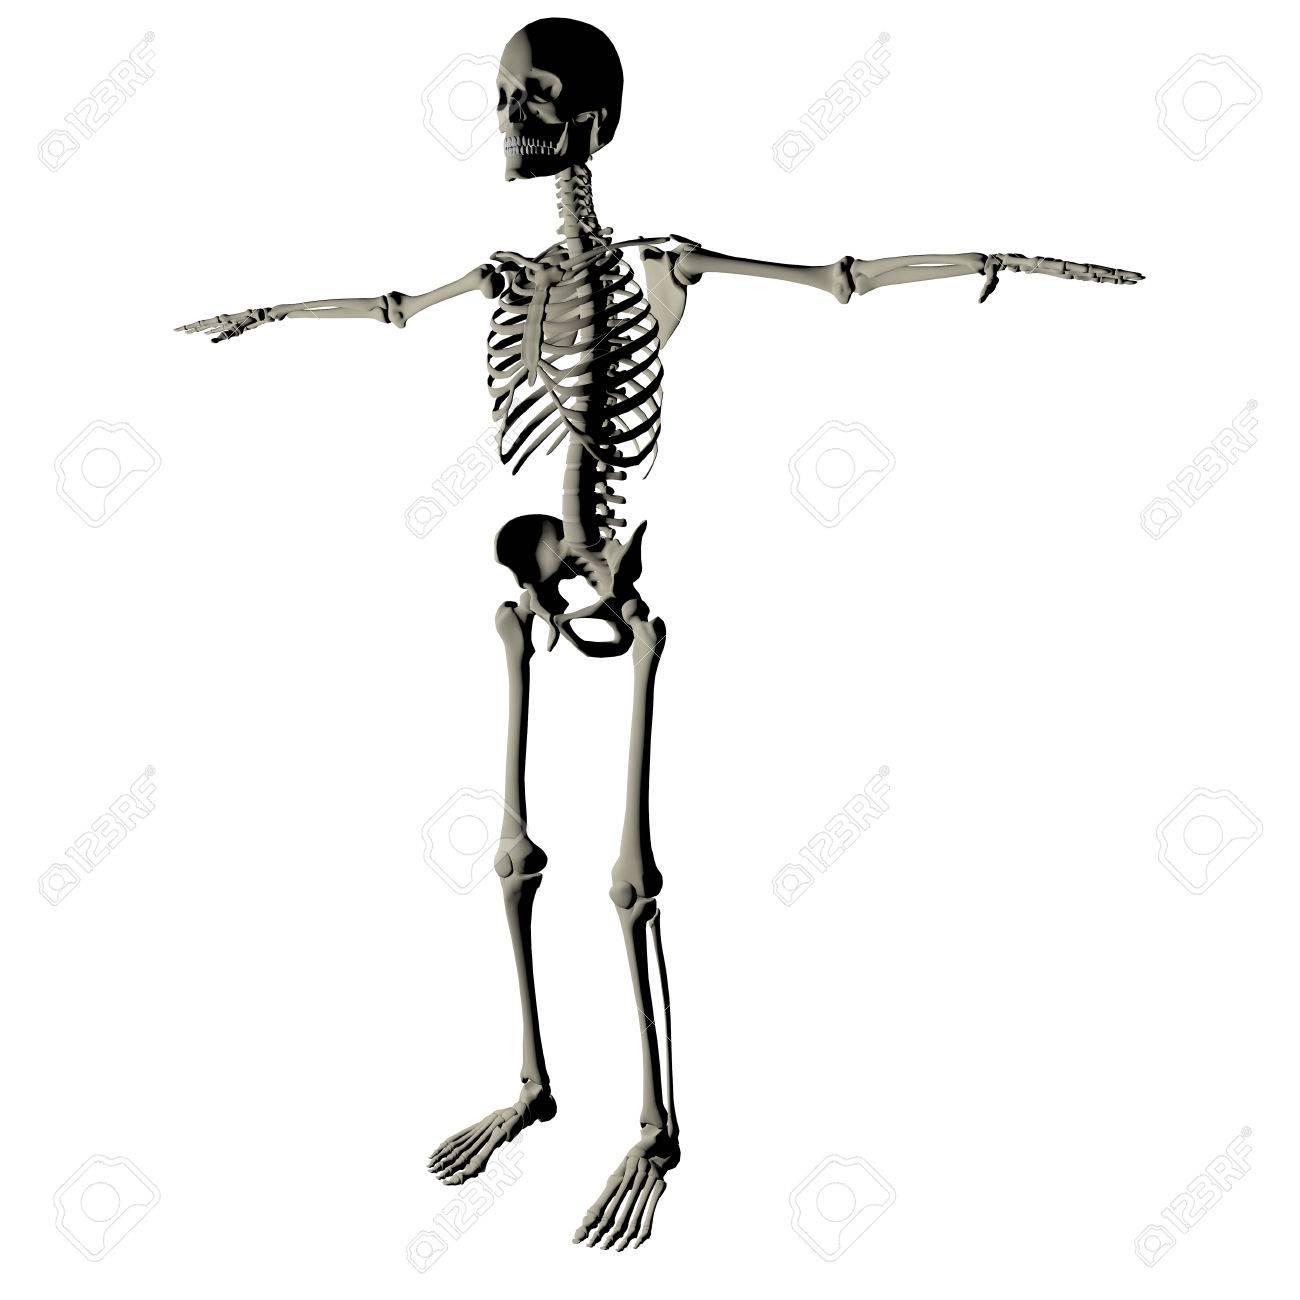 Skeleton Und Knochen Eines Menschlichen Körpers Auf Einem Weißen ...